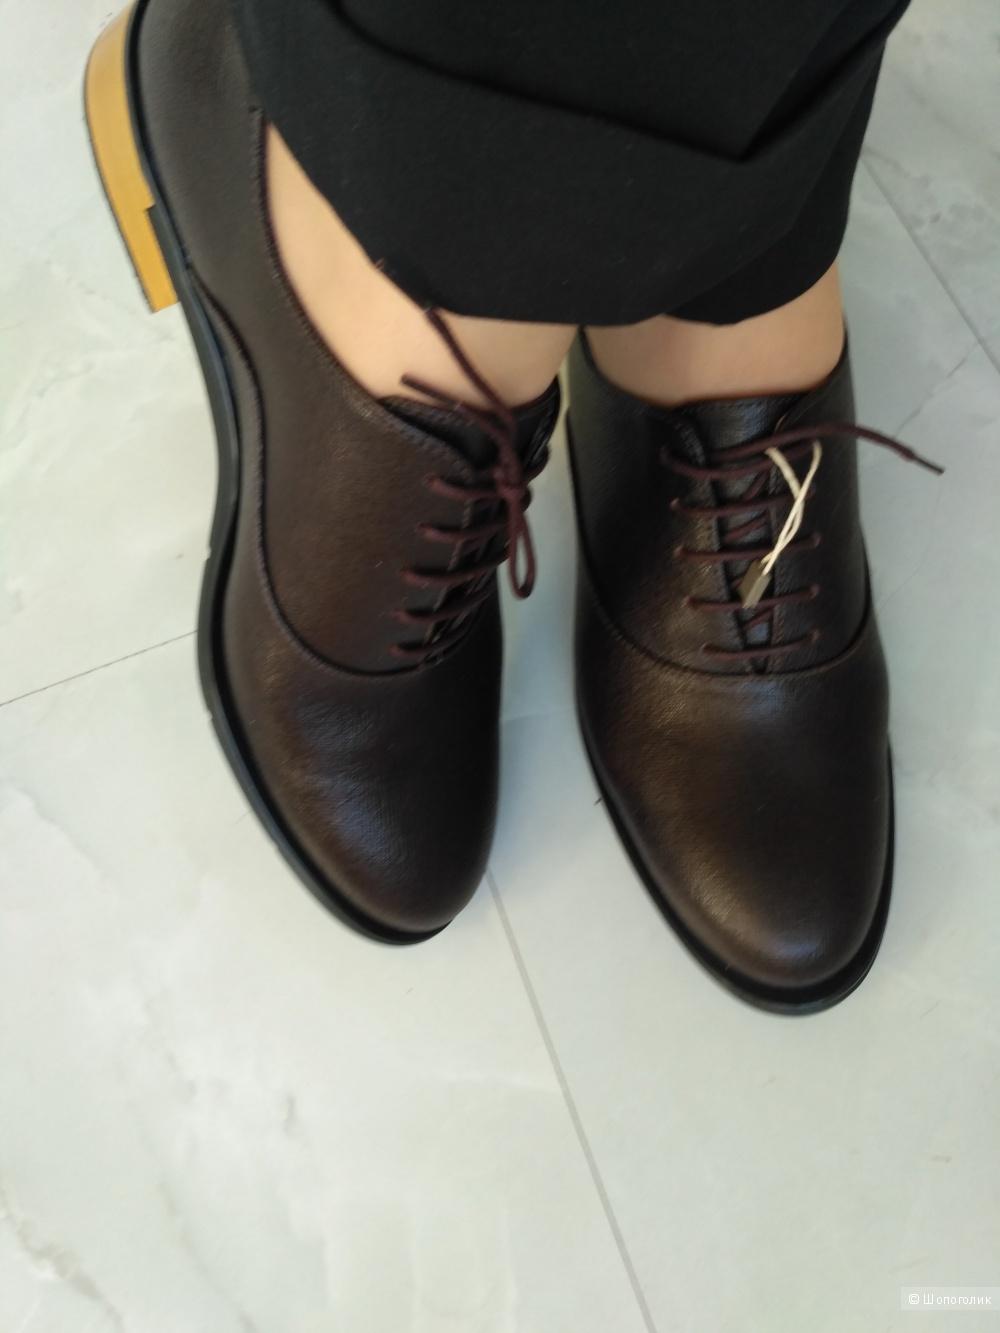 Ботинки, Fiorangelo, 39 размер